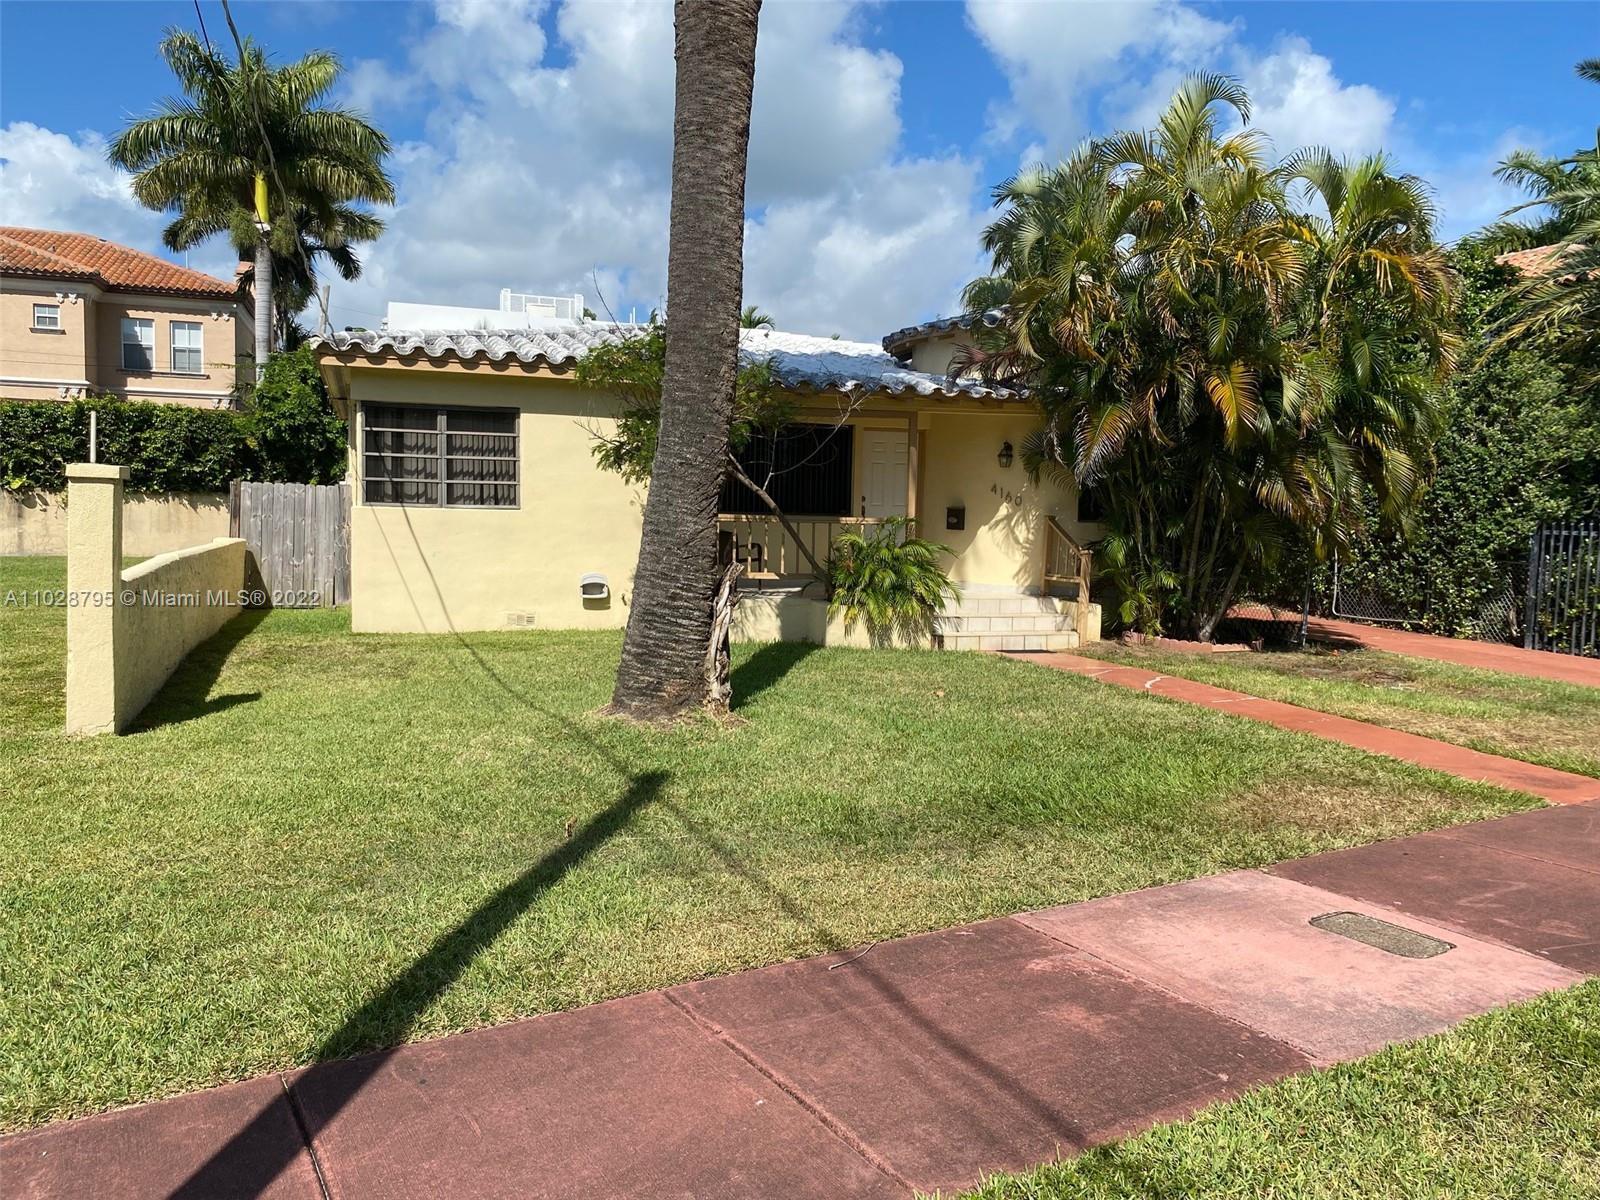 Nautilus - 4160 ALTON RD, Miami Beach, FL 33140